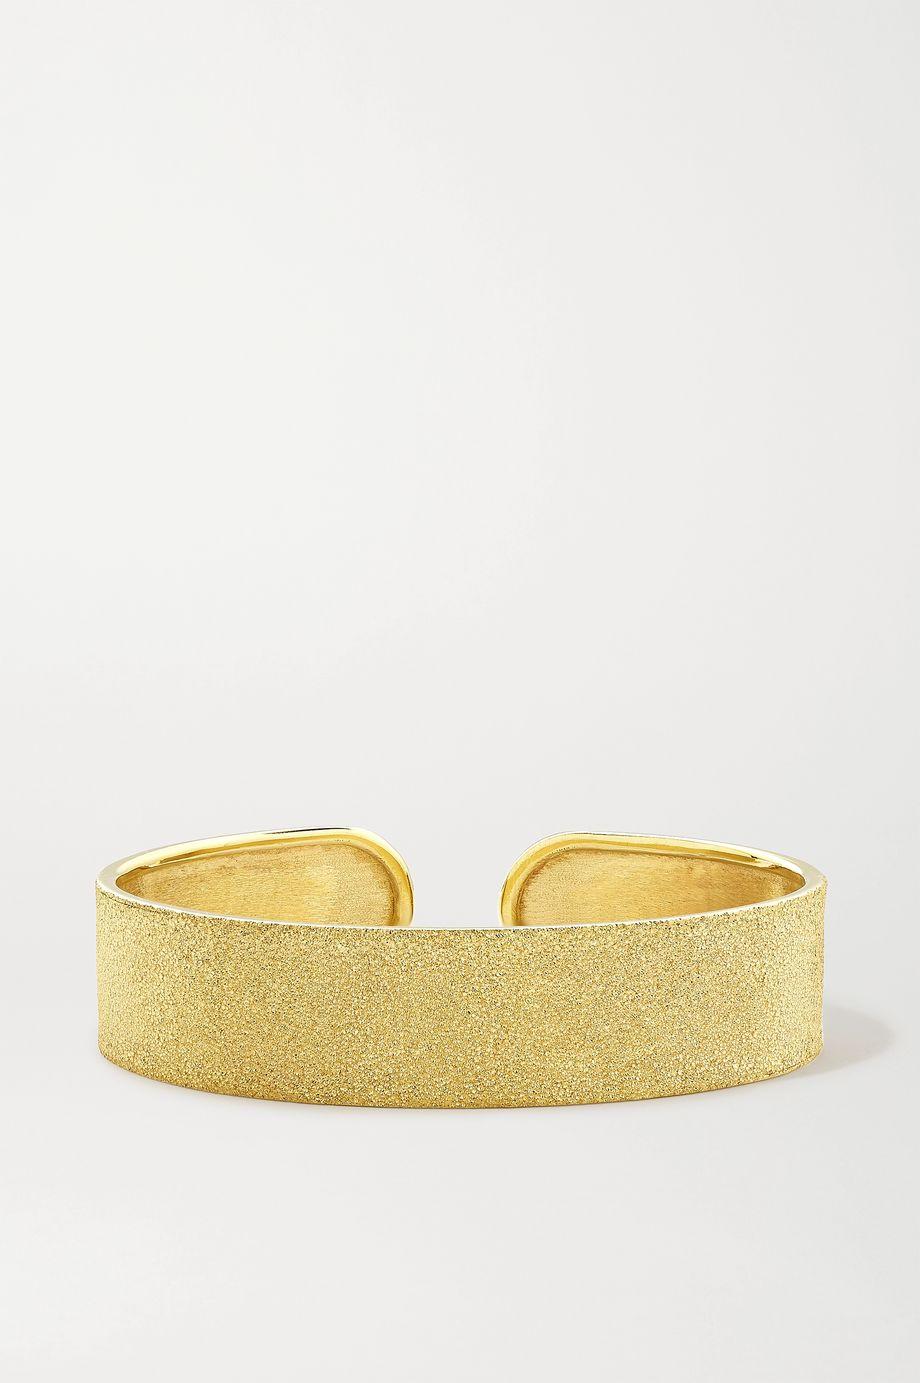 Carolina Bucci Florentine 18-karat gold cuff